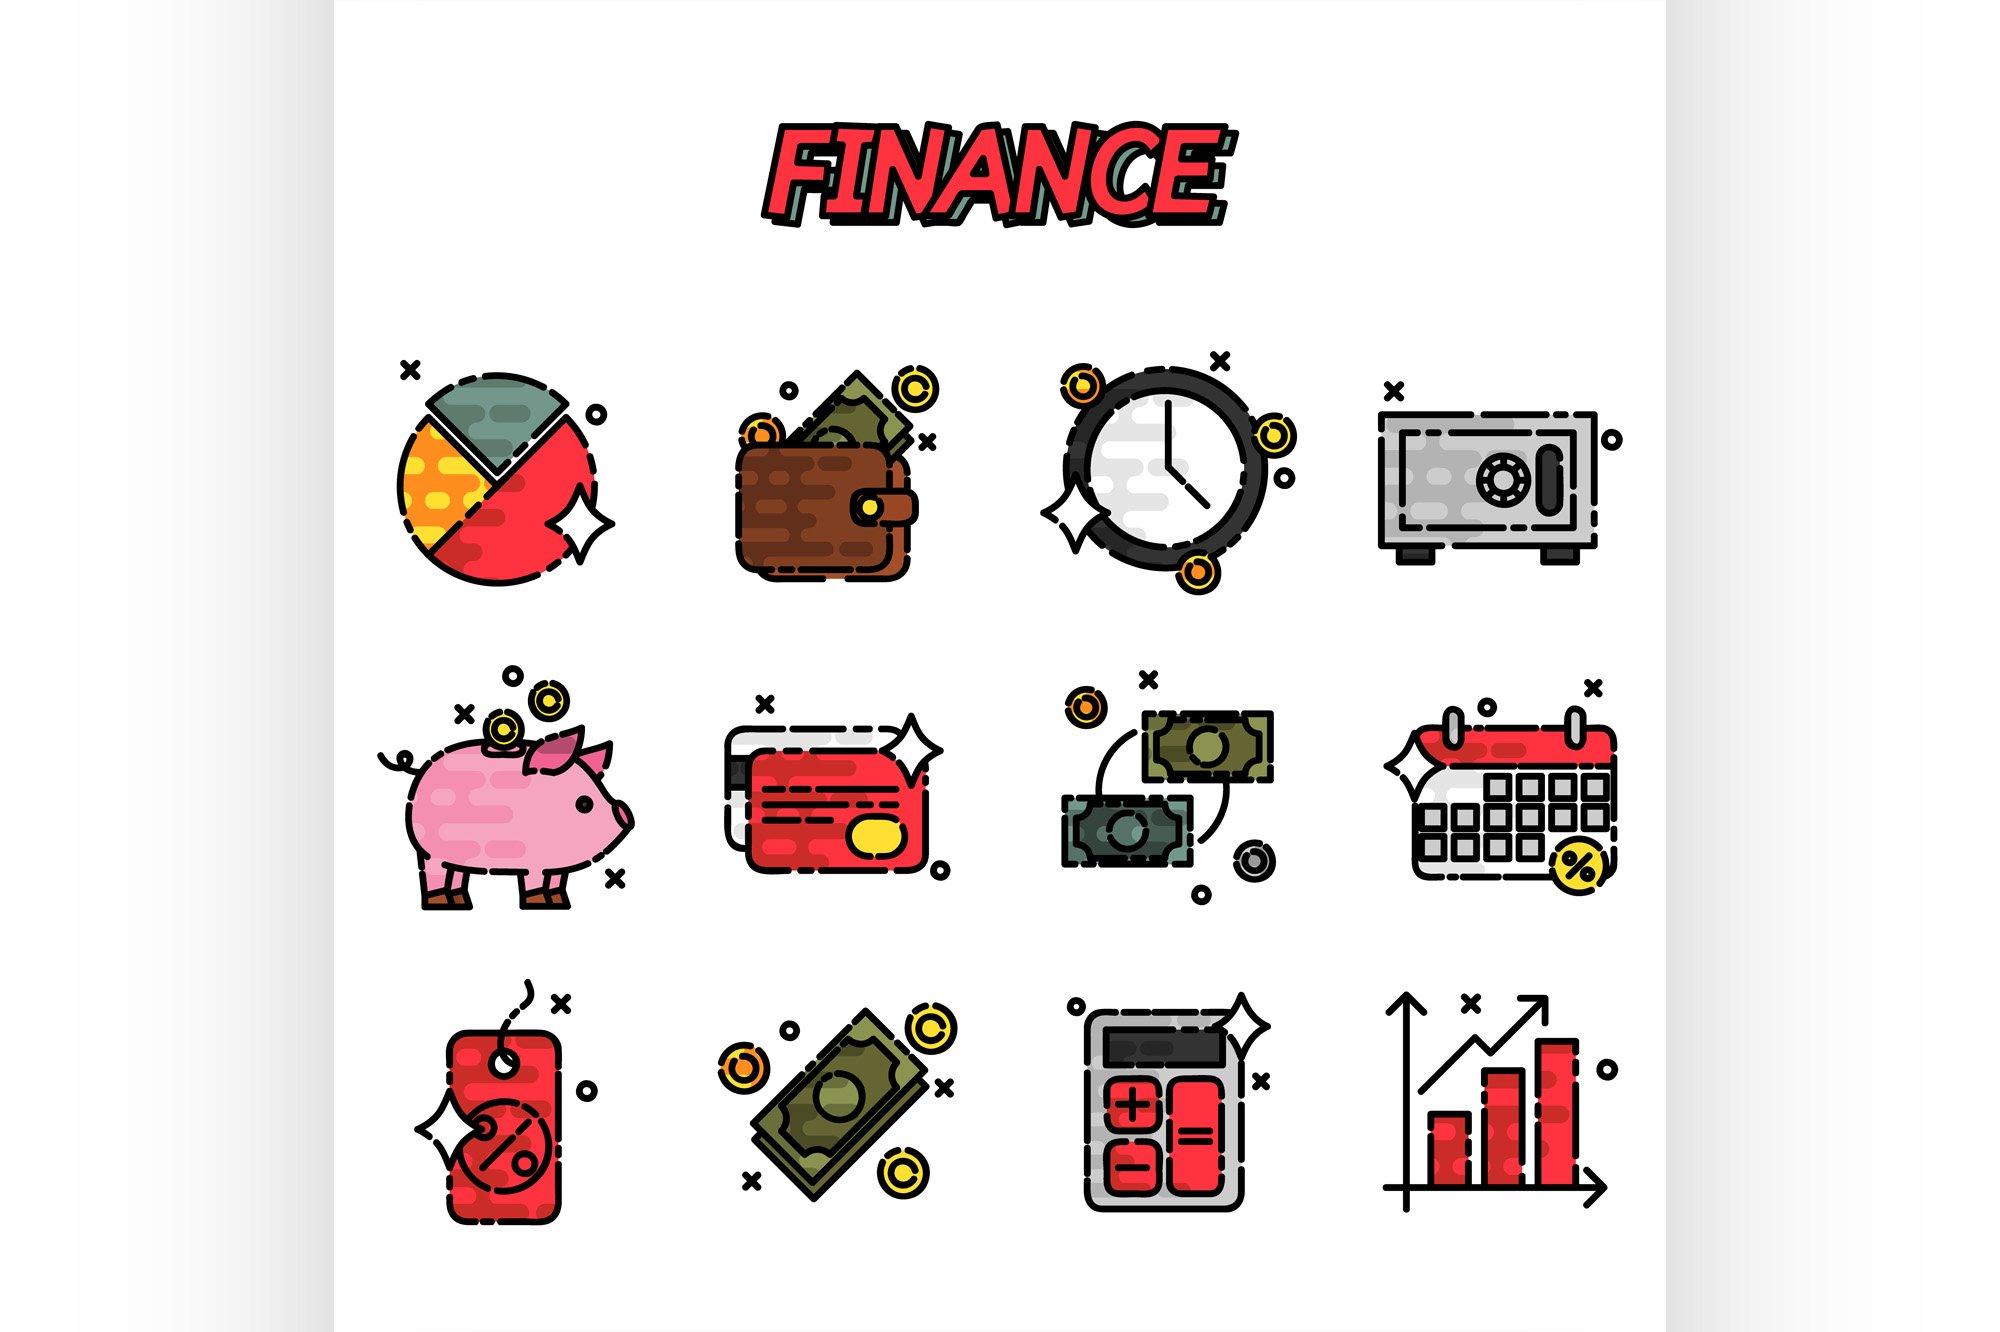 Finance flat icons set example image 1